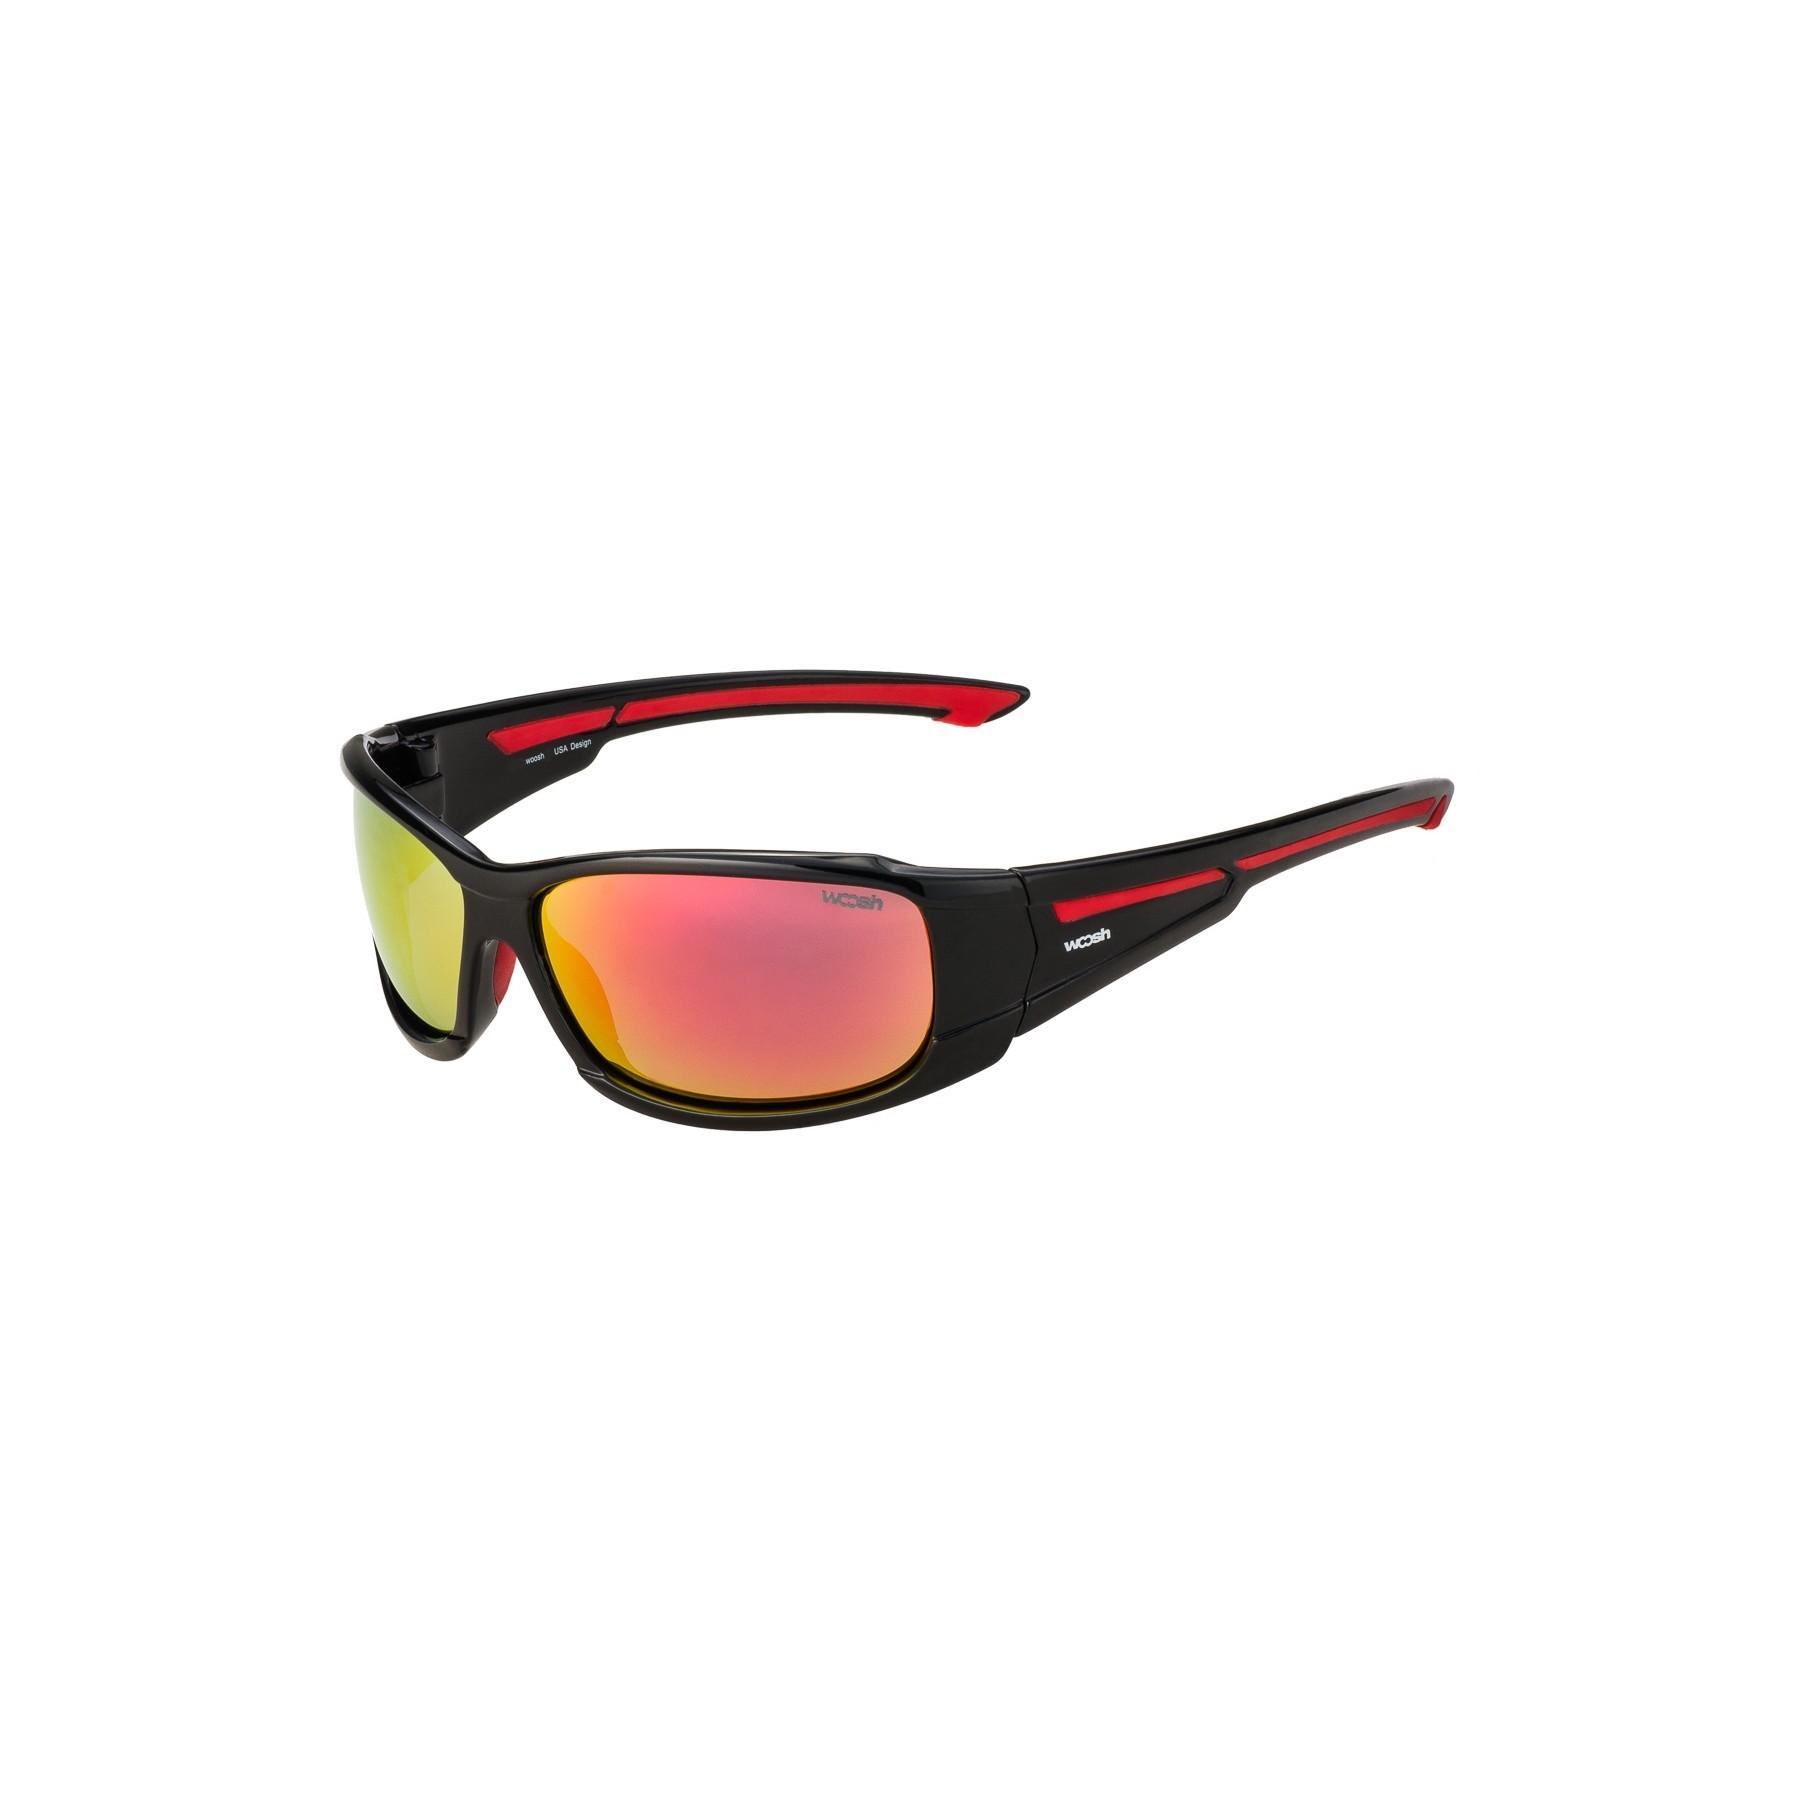 Woosh Sportbrille Sonnenbrille W1022 Radbrille Laufbrille - schwarz-gelb RnknL